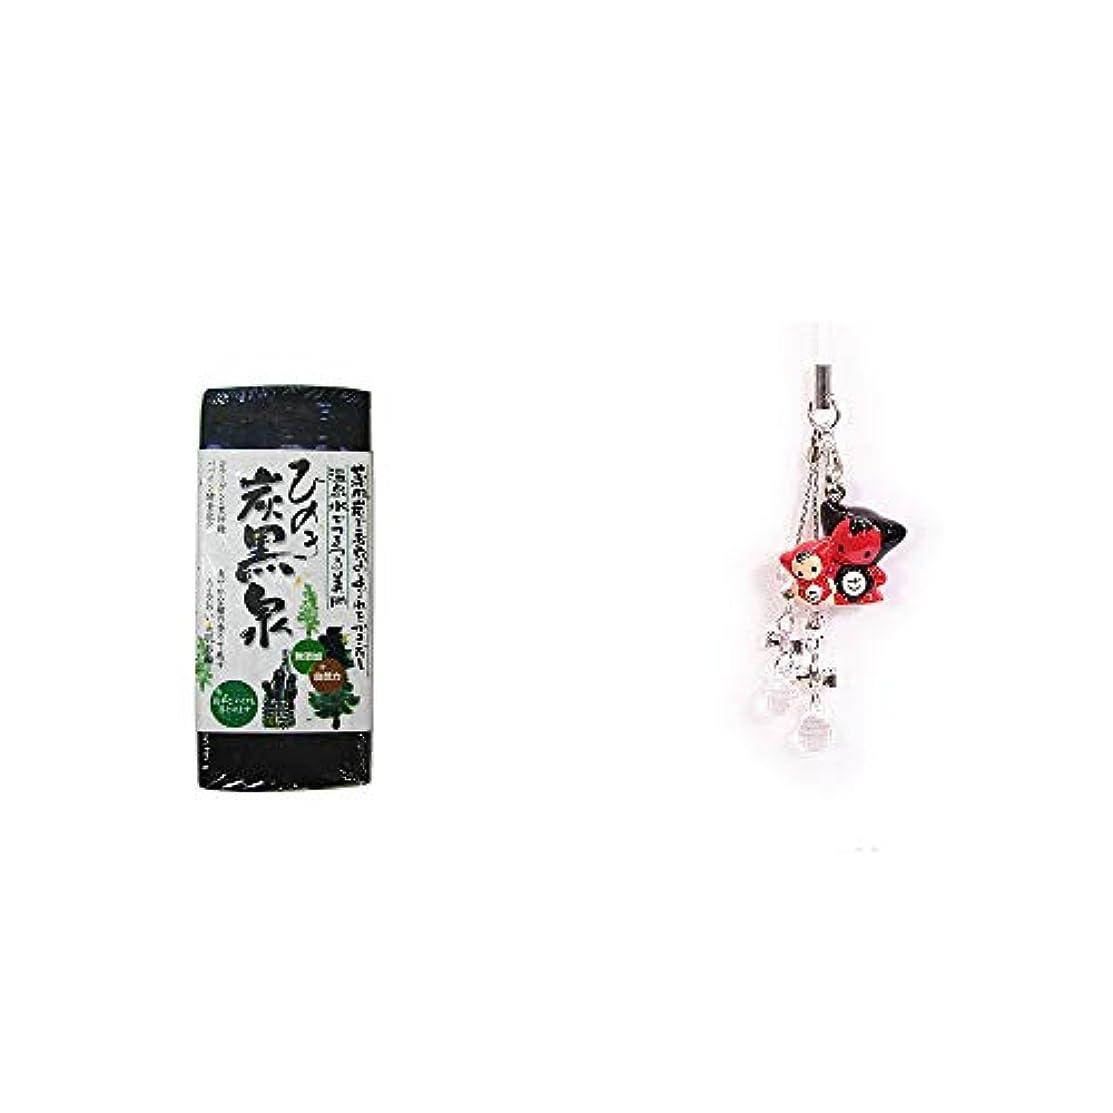 顔料クランシーイチゴ[2点セット] ひのき炭黒泉(75g×2)?さるぼぼペアビーズストラップ 【クリア】/縁結び?魔除け//